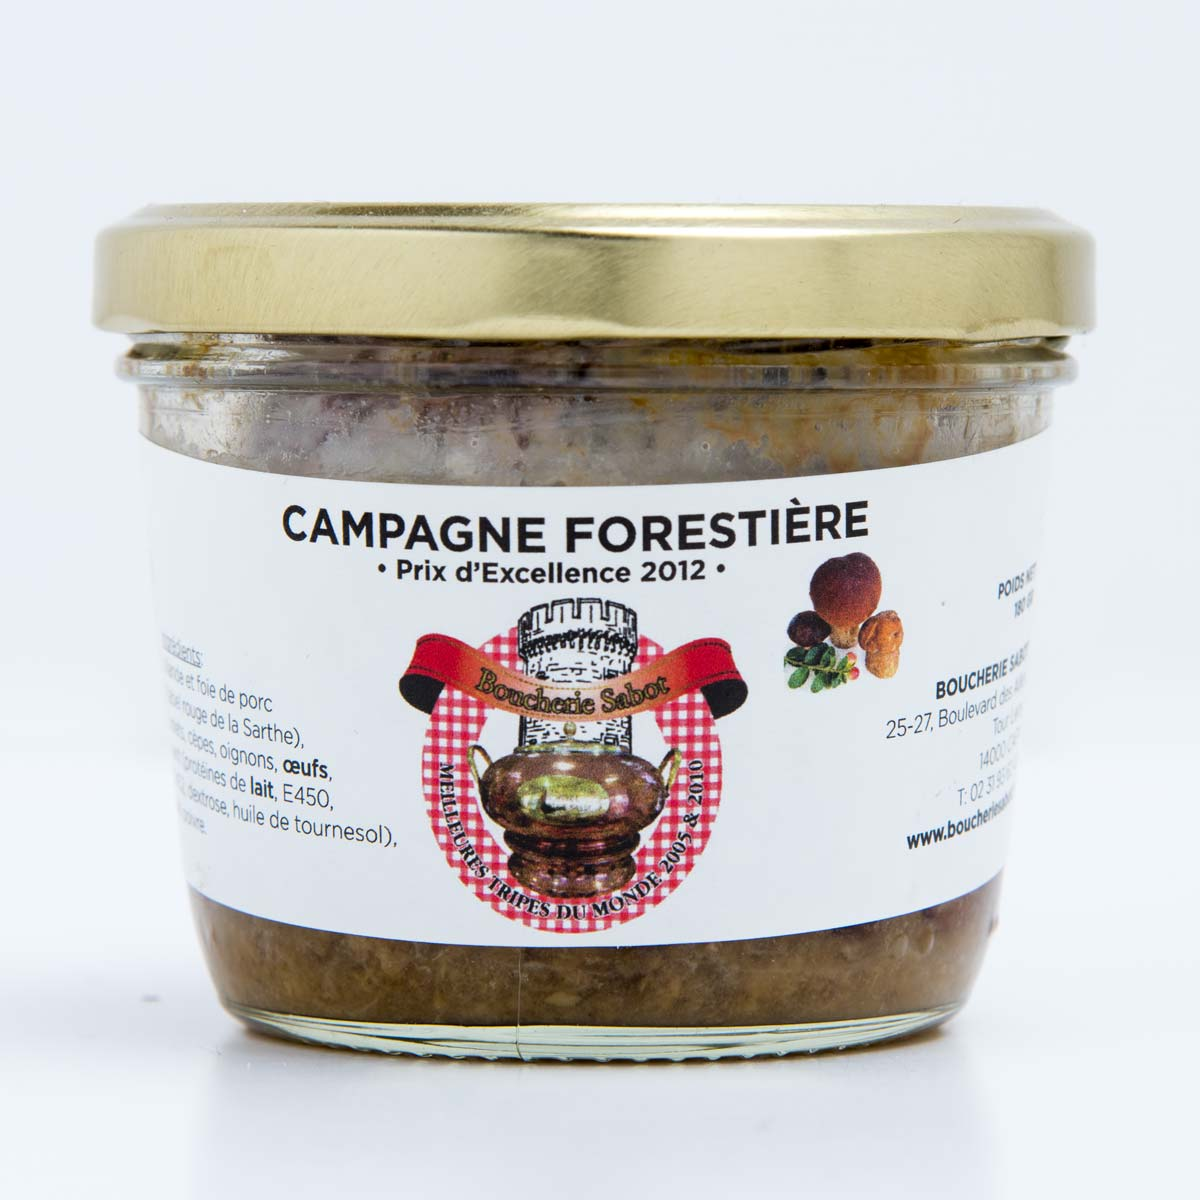 terrine-de-campagne-forestiere-boucherie-sabot